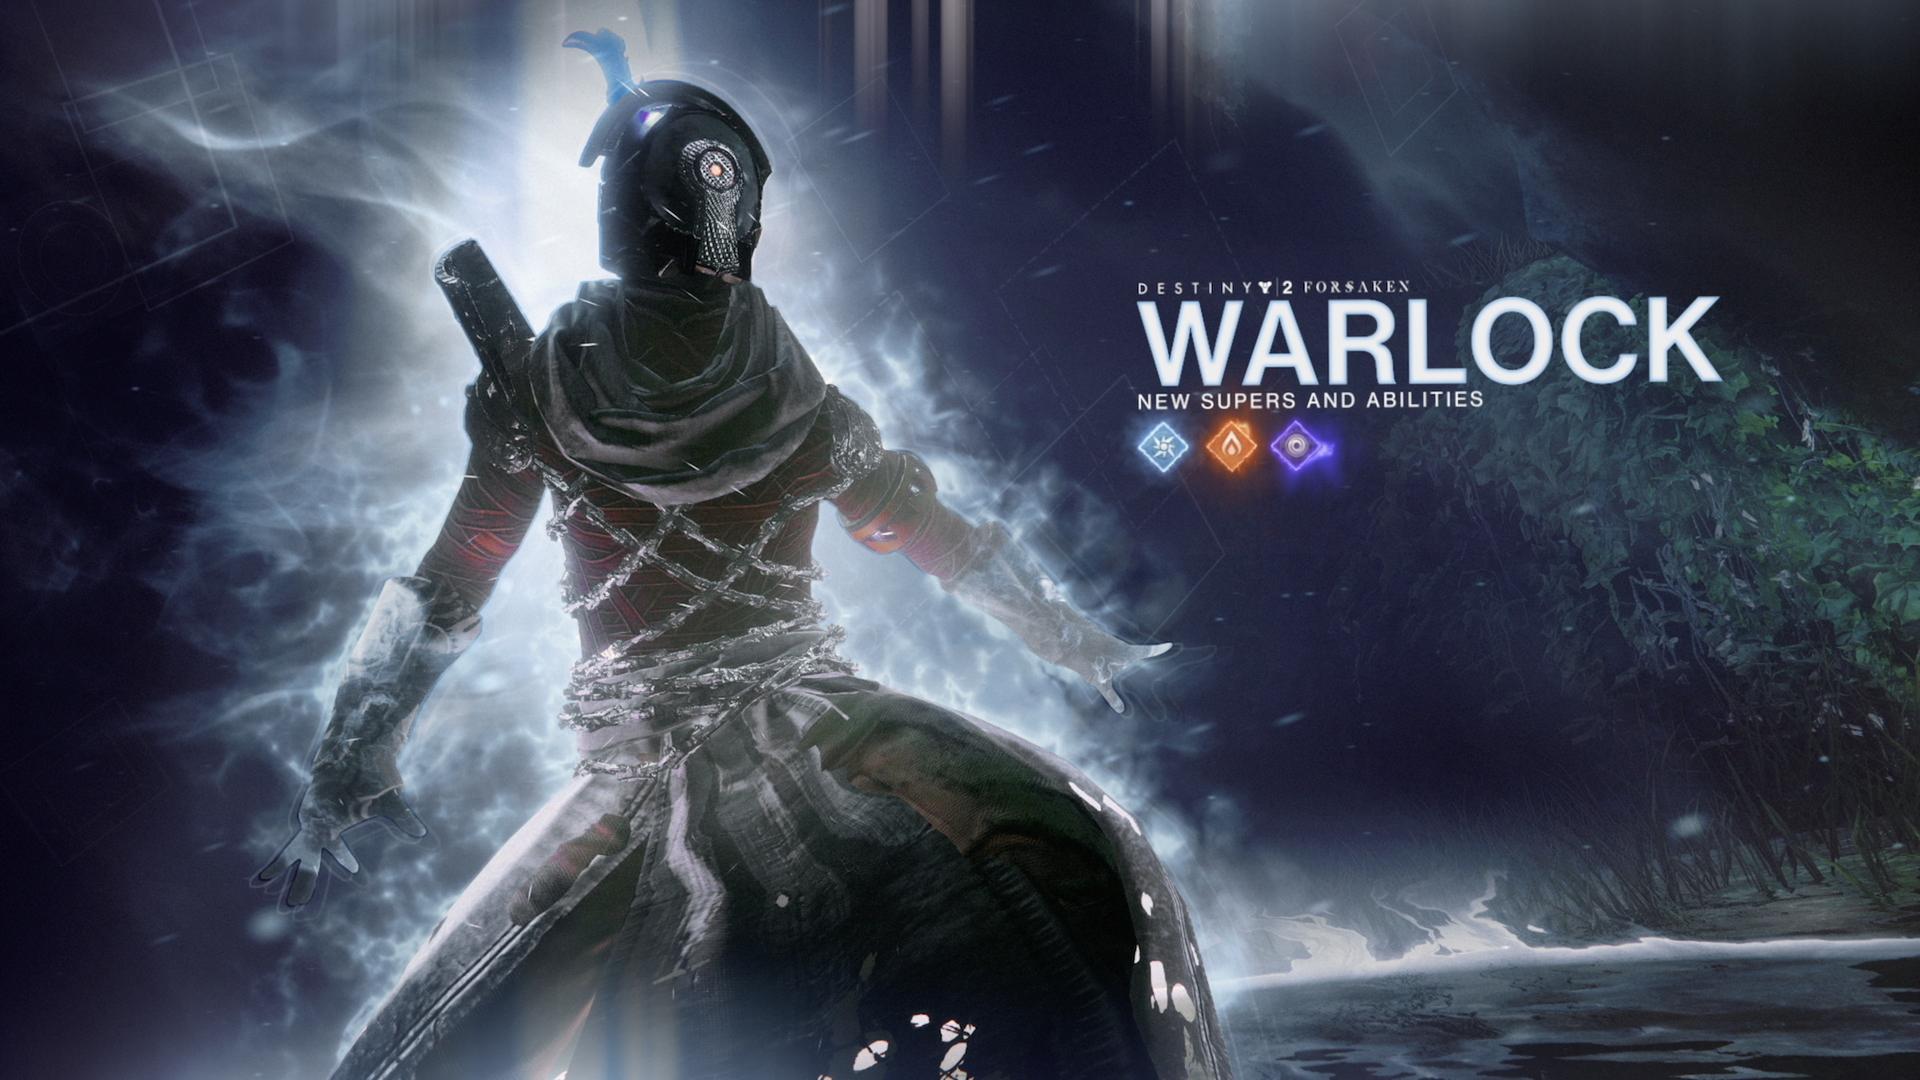 destiny 2 forsaken warlock